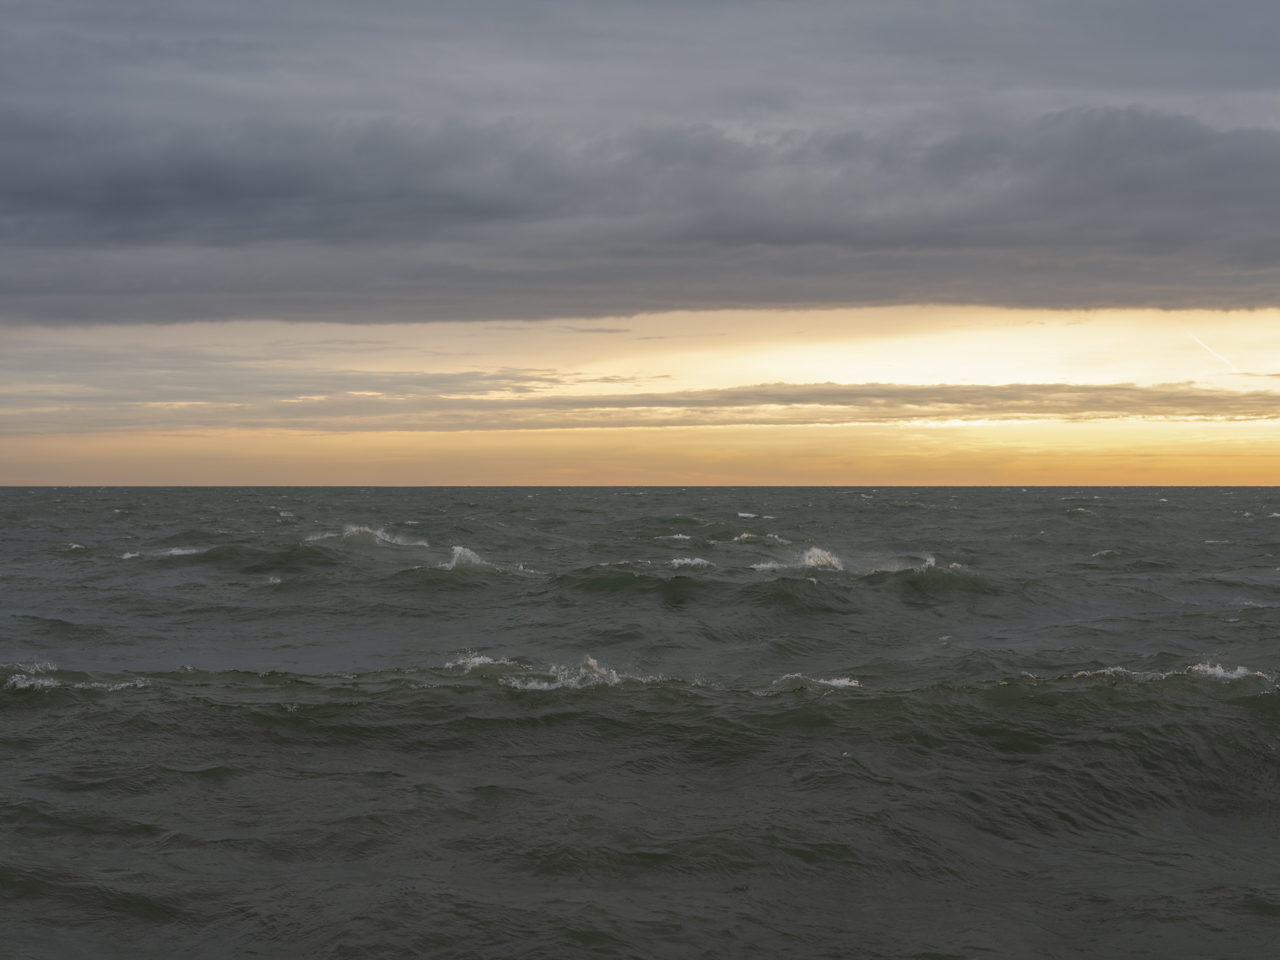 Lake Michigan, January 9th, 2020